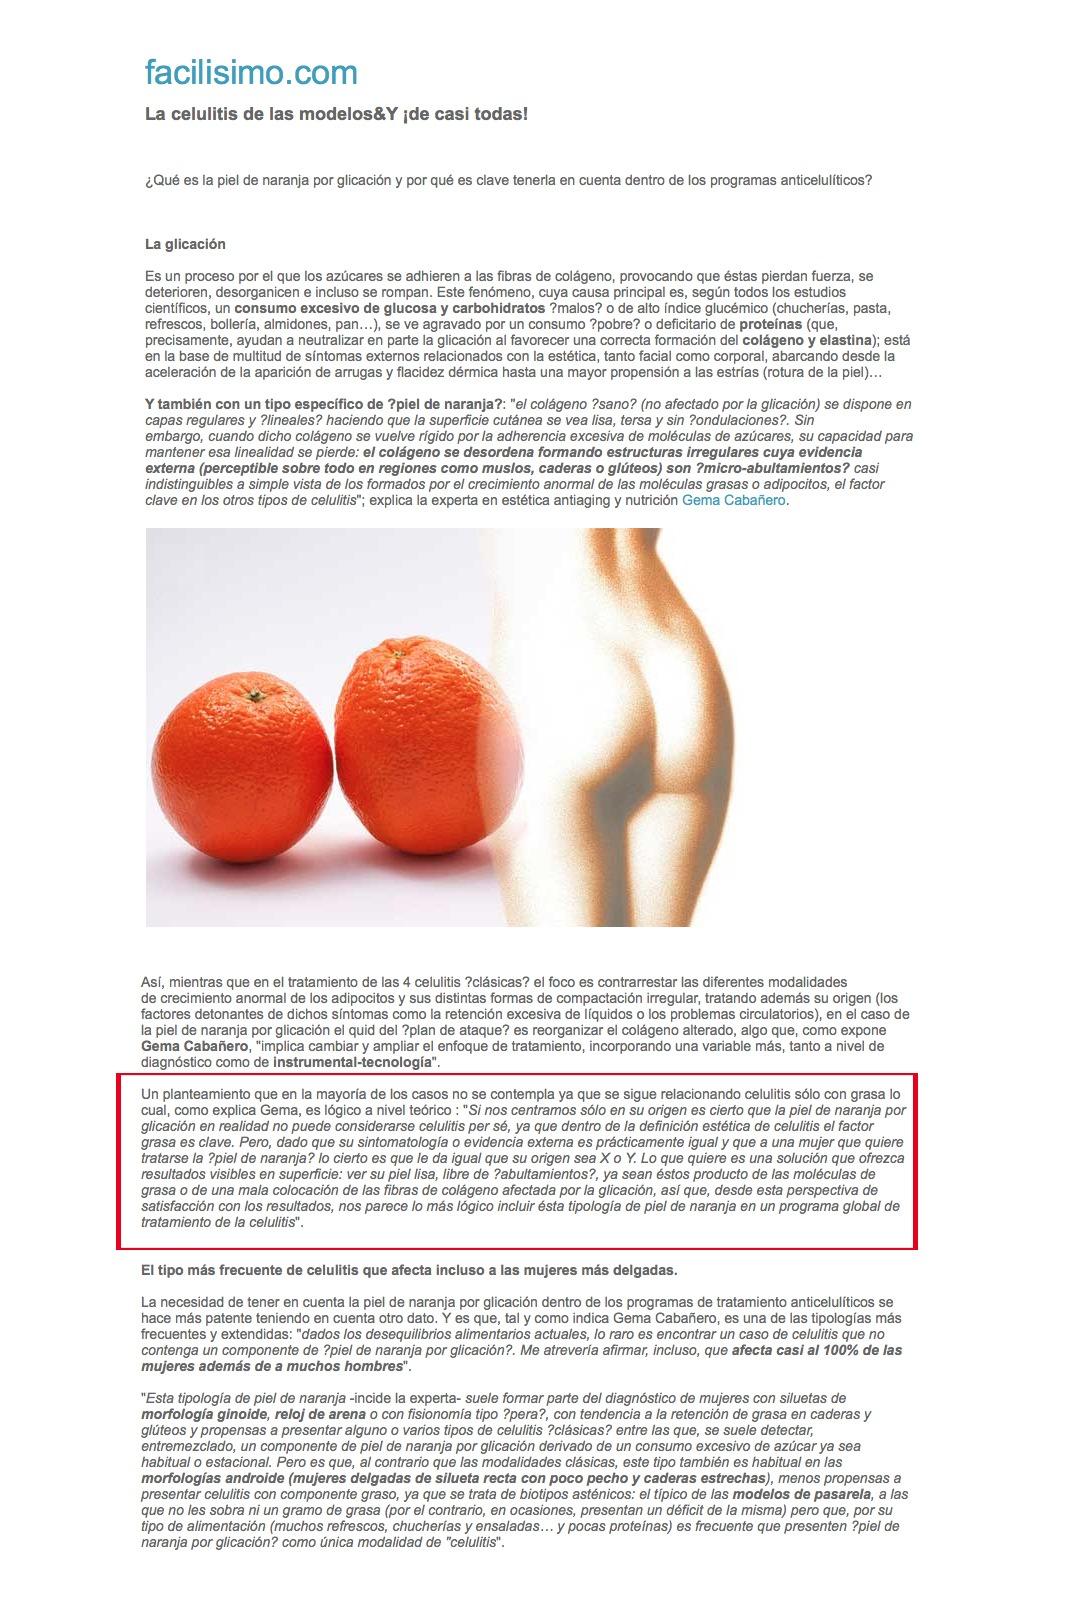 Facilísimo Gema Cabañero Celulitis